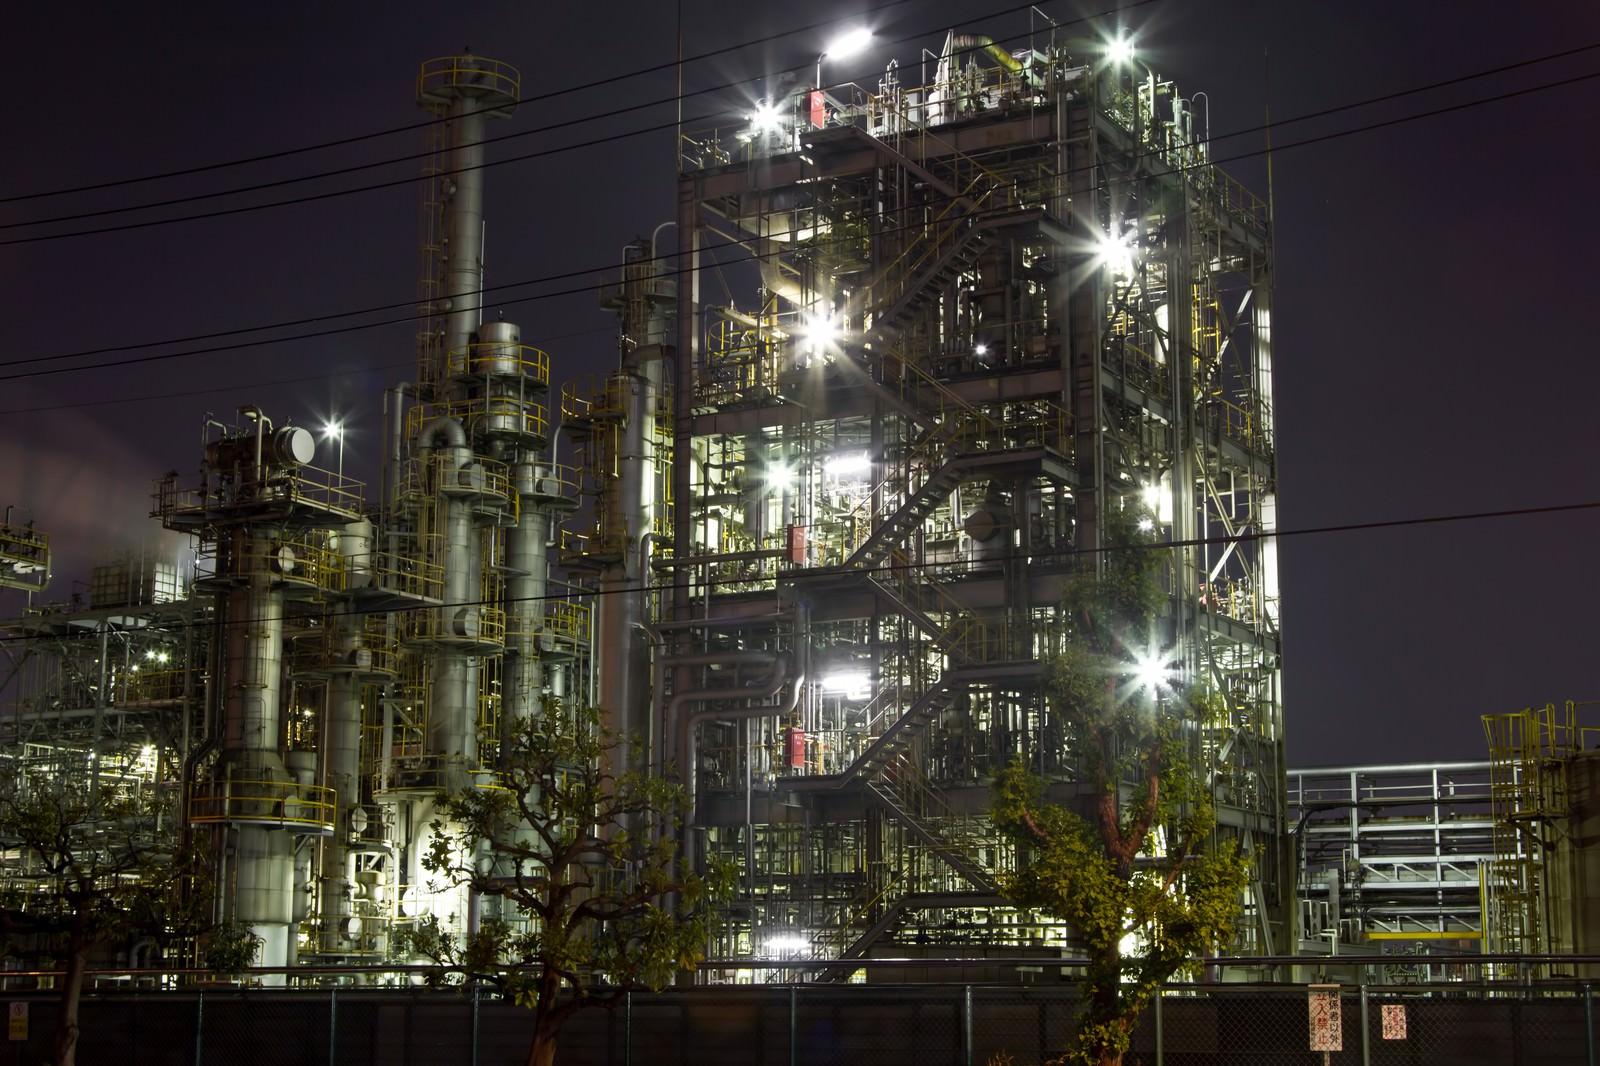 「千鳥町の工場地帯」の写真